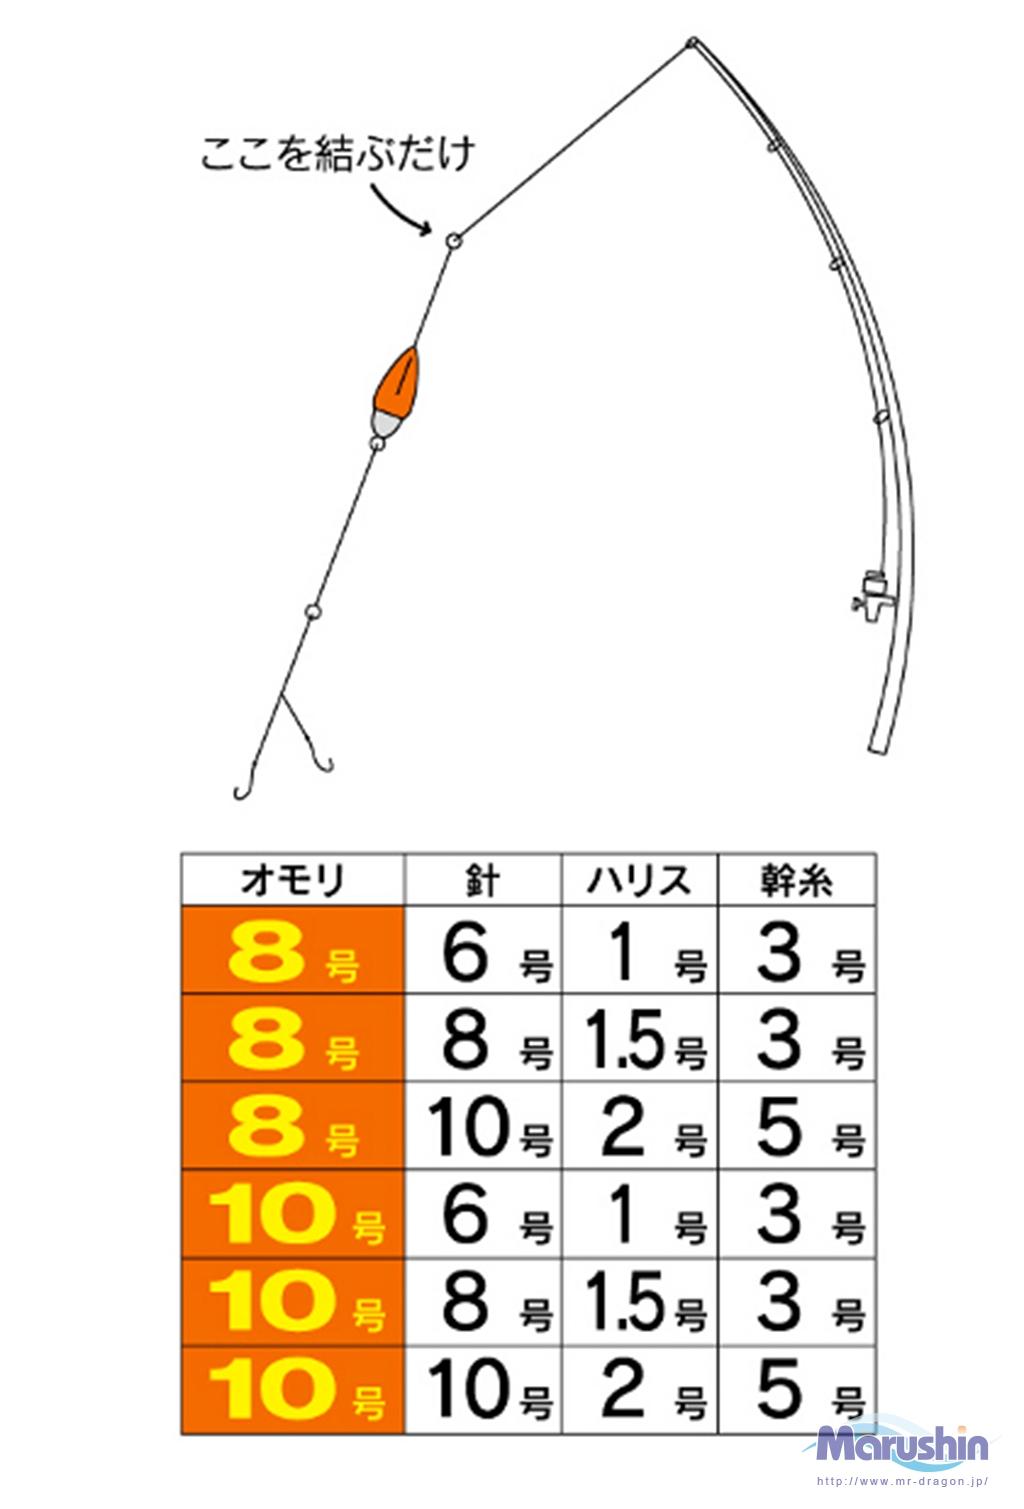 るんるんサーフセットイメージ画像